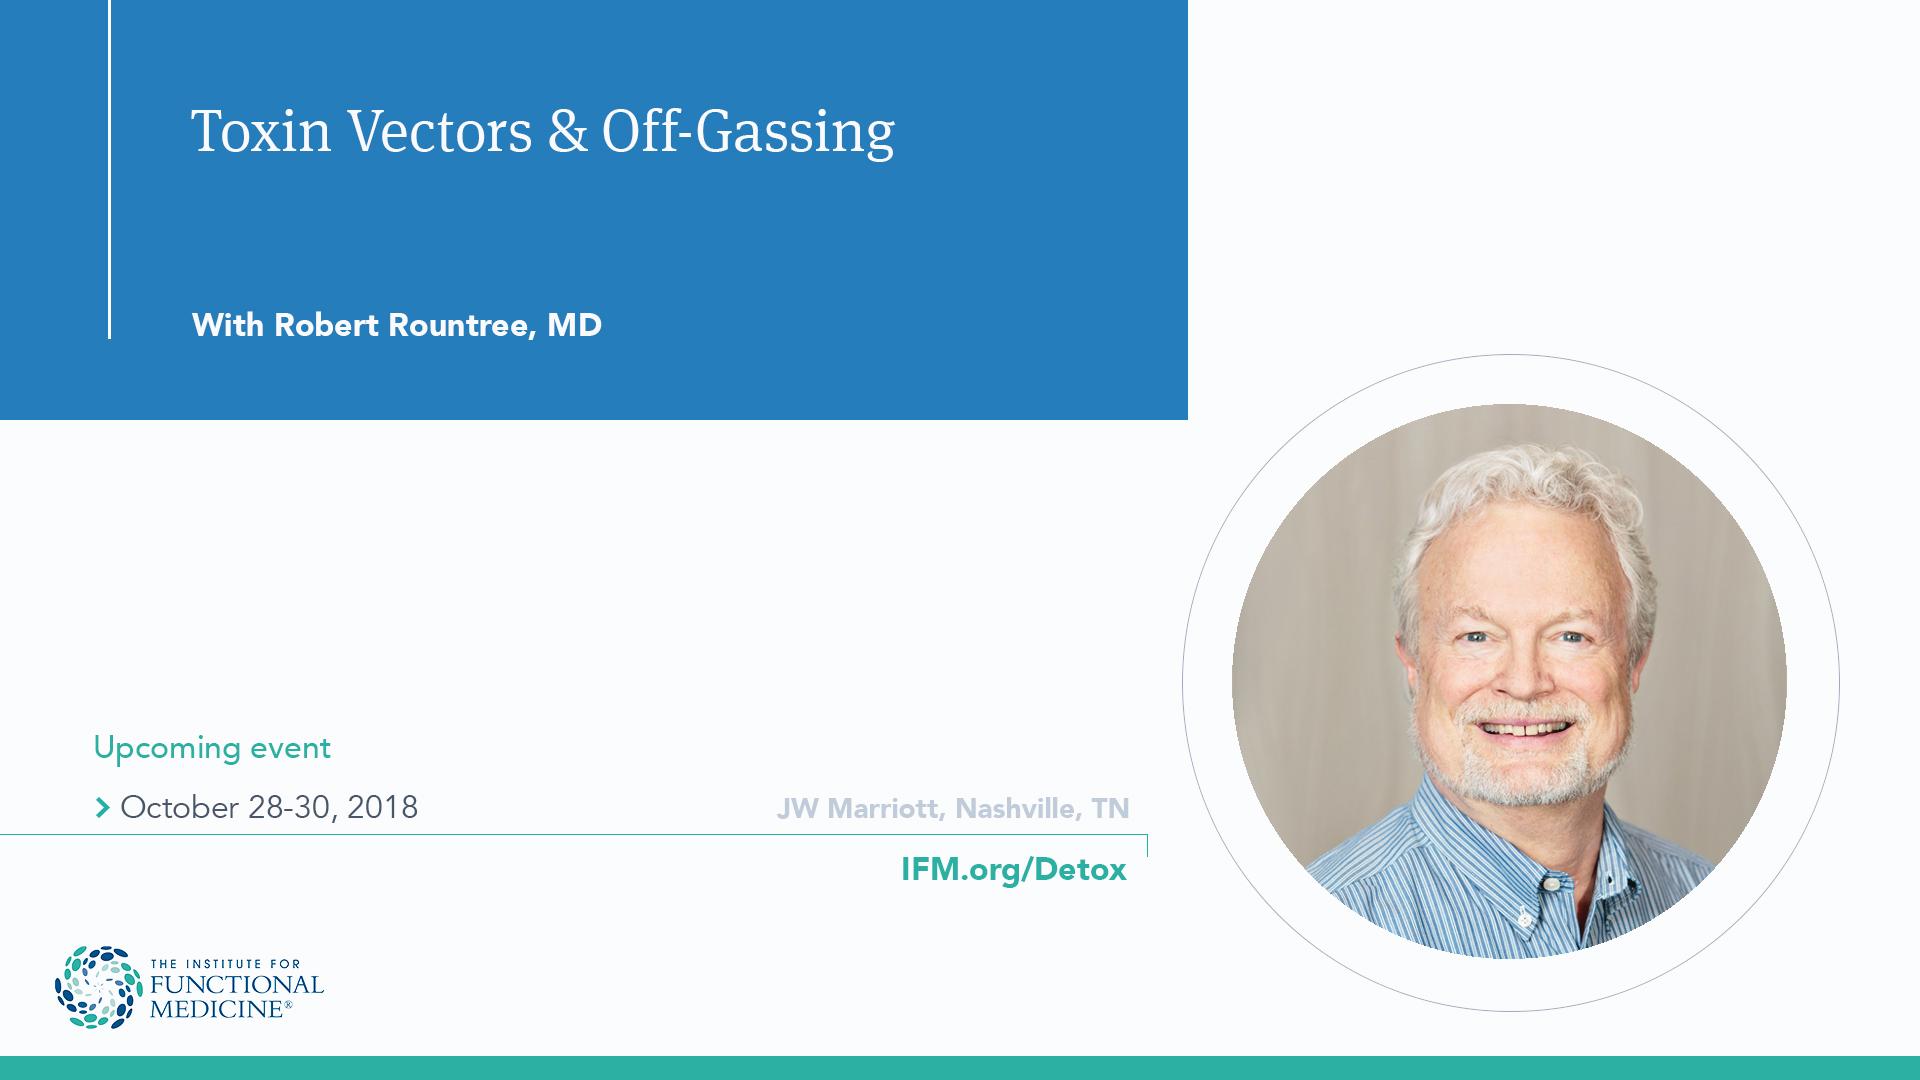 Toxin Vectors & Off-Gassing